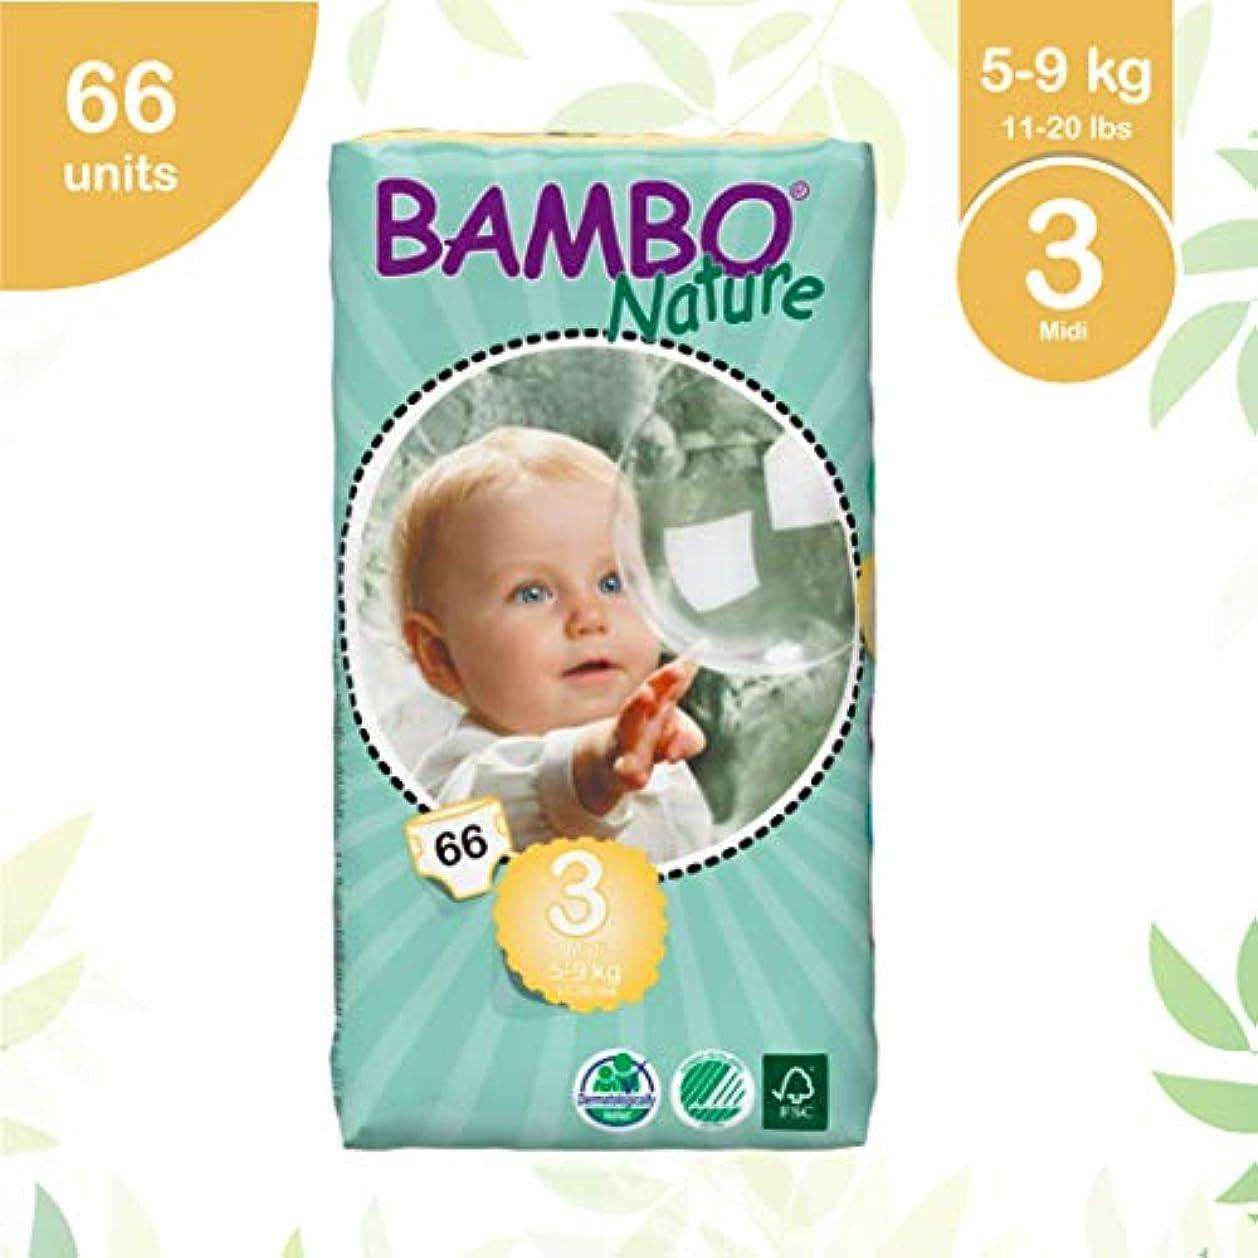 BAMBO Nature プレミアム紙おむつ ミディ 3号 テープ トール 66枚入り